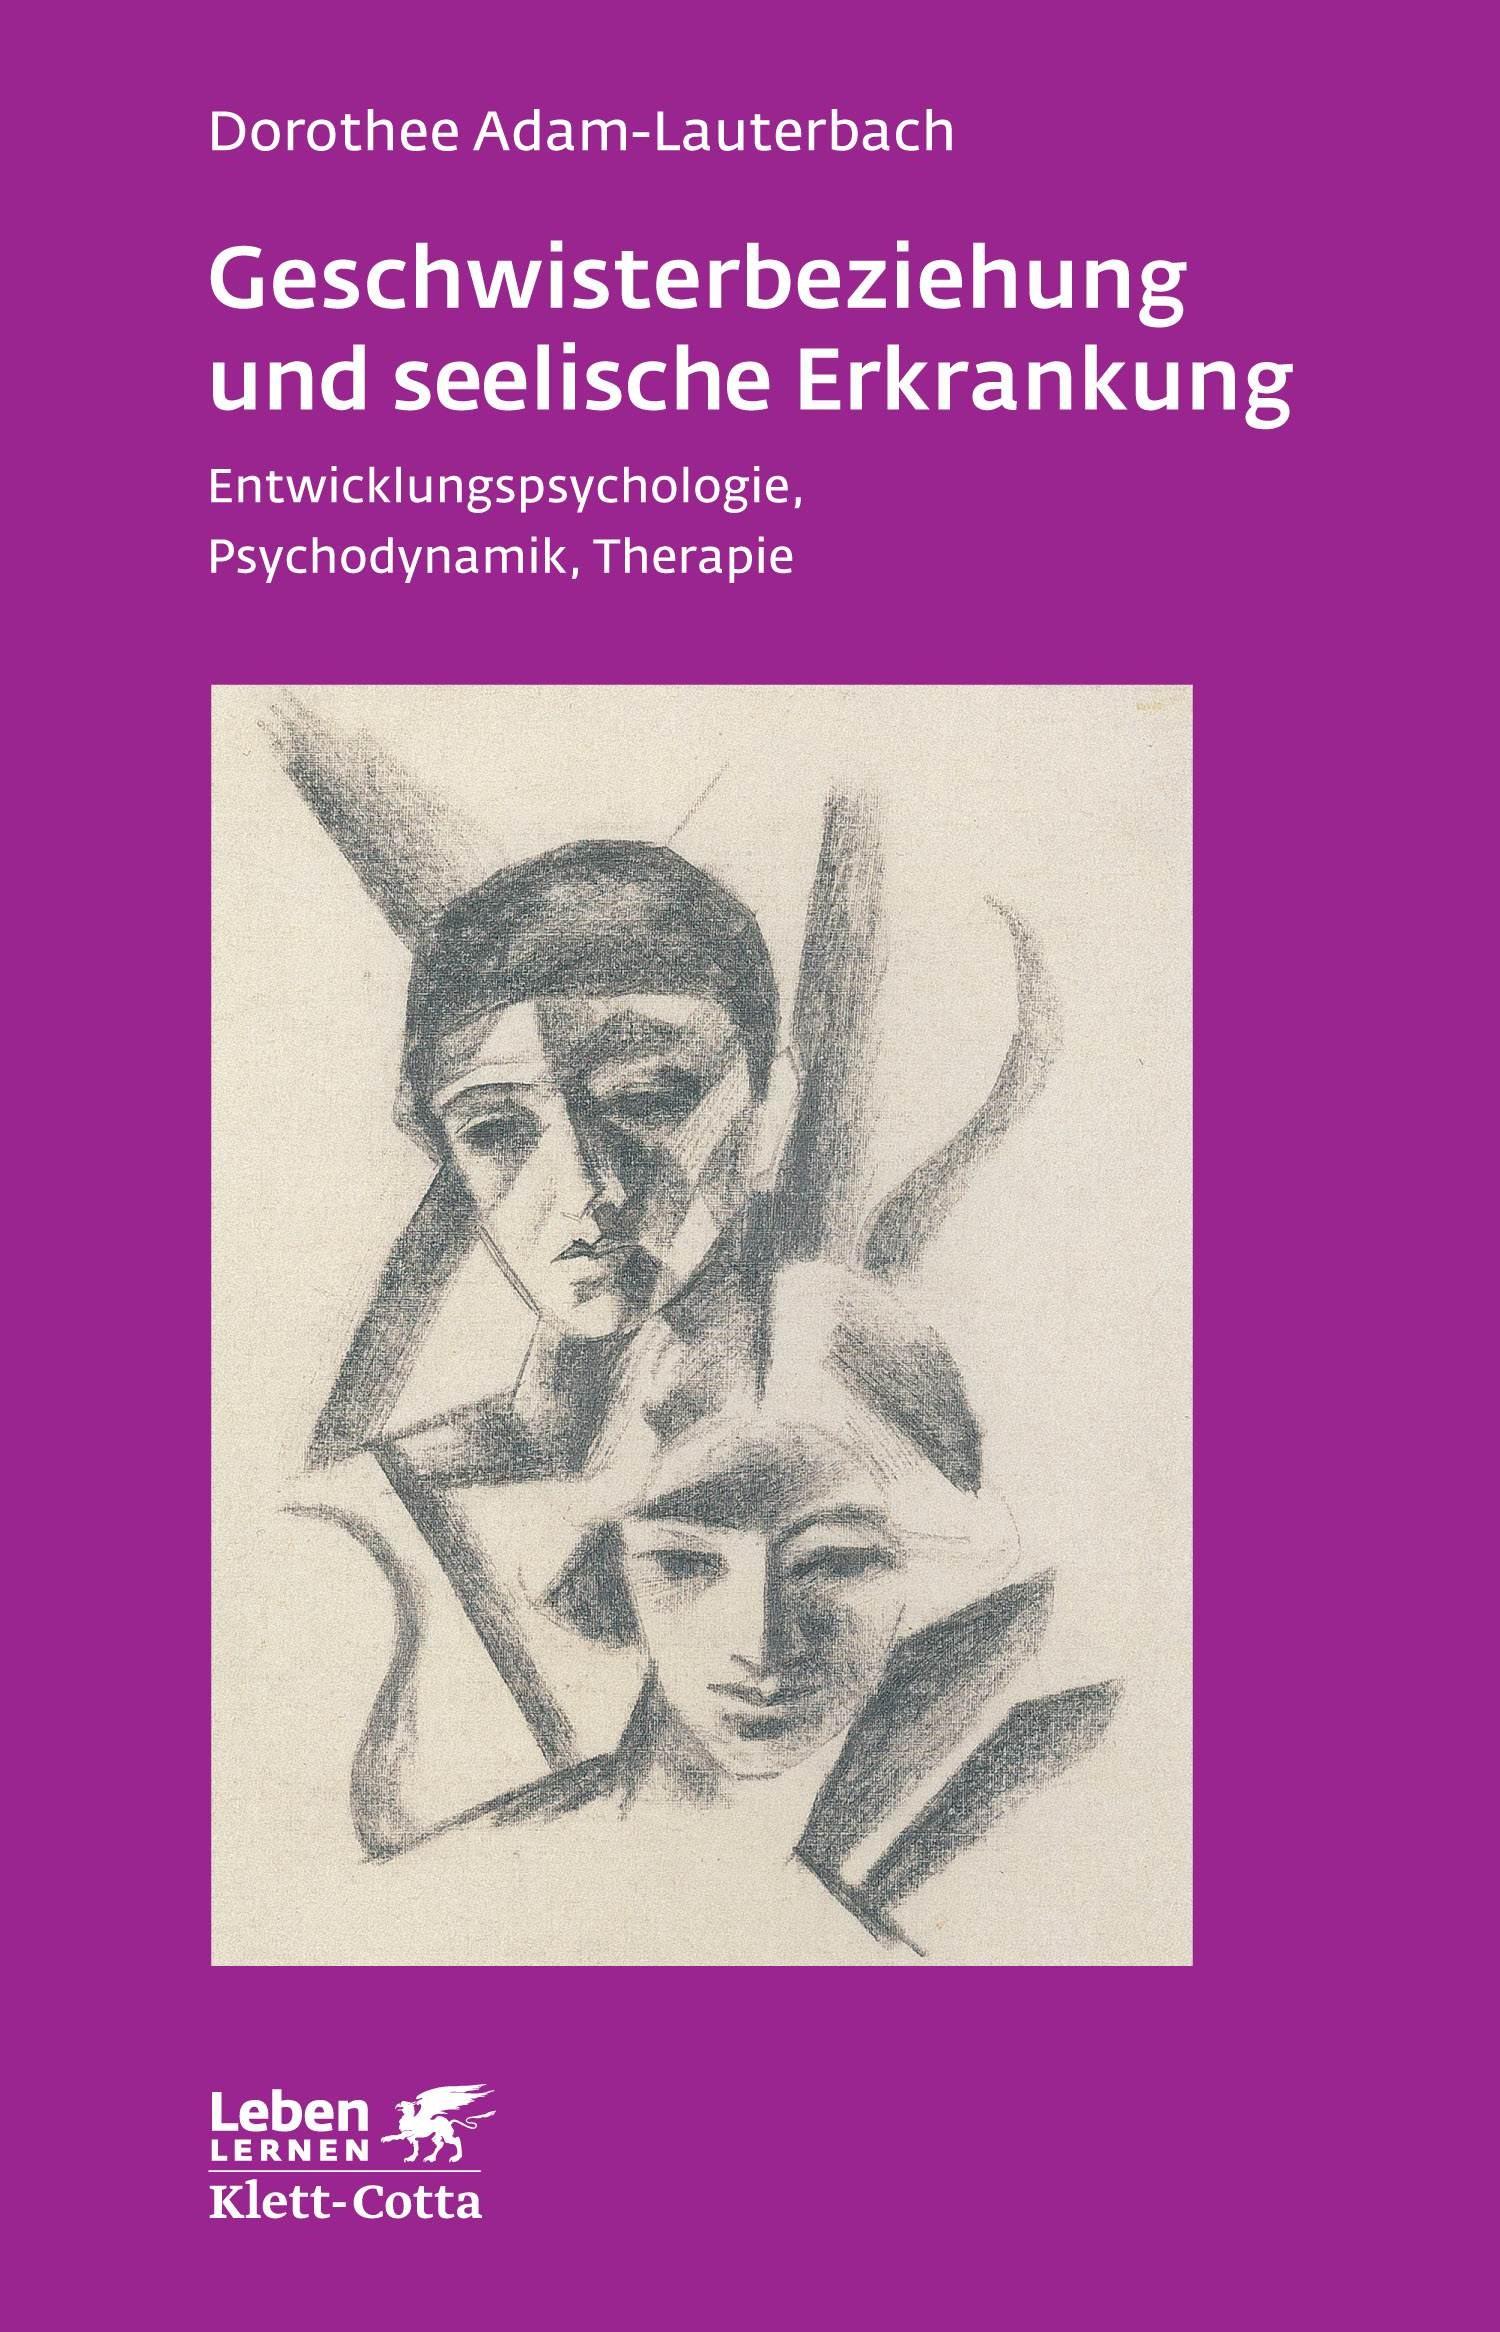 Geschwisterbeziehung und seelische Erkrankung | Adam-Lauterbach, 2013 | Buch (Cover)